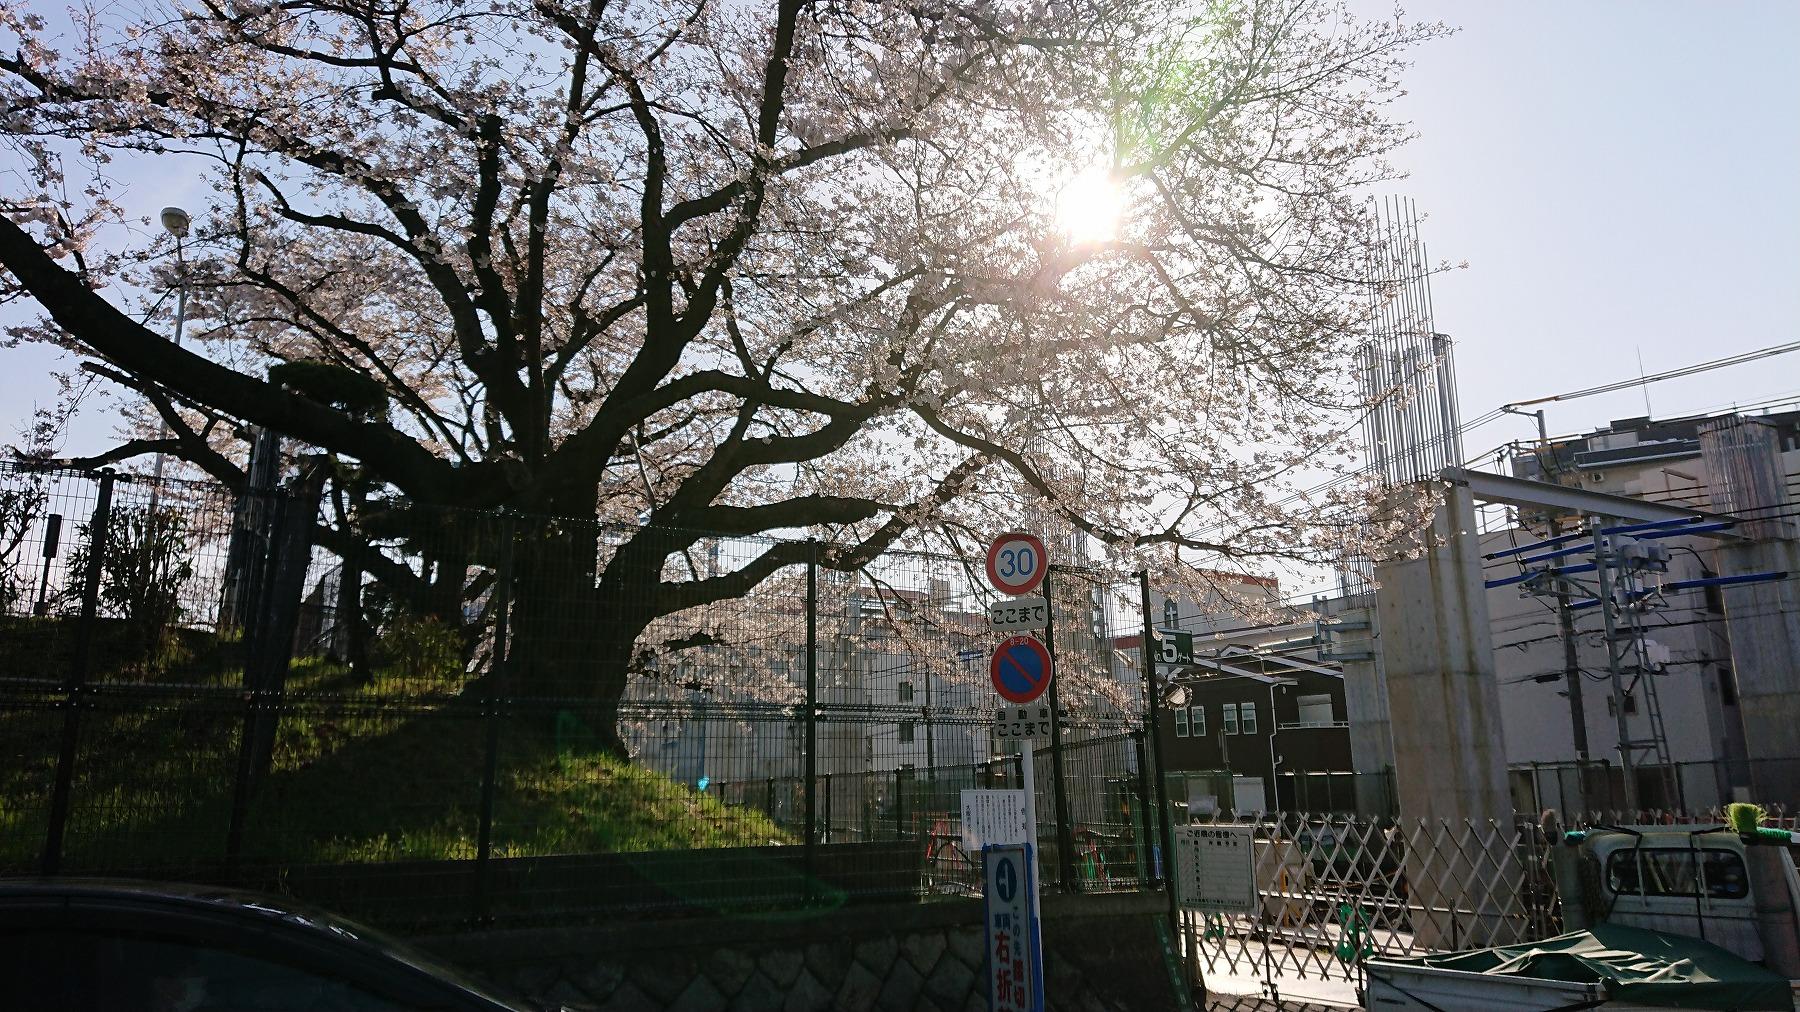 淡路駅の賃貸事務所・賃しオフィス淡路駅前ラボ近くの柴島浄水場の桜